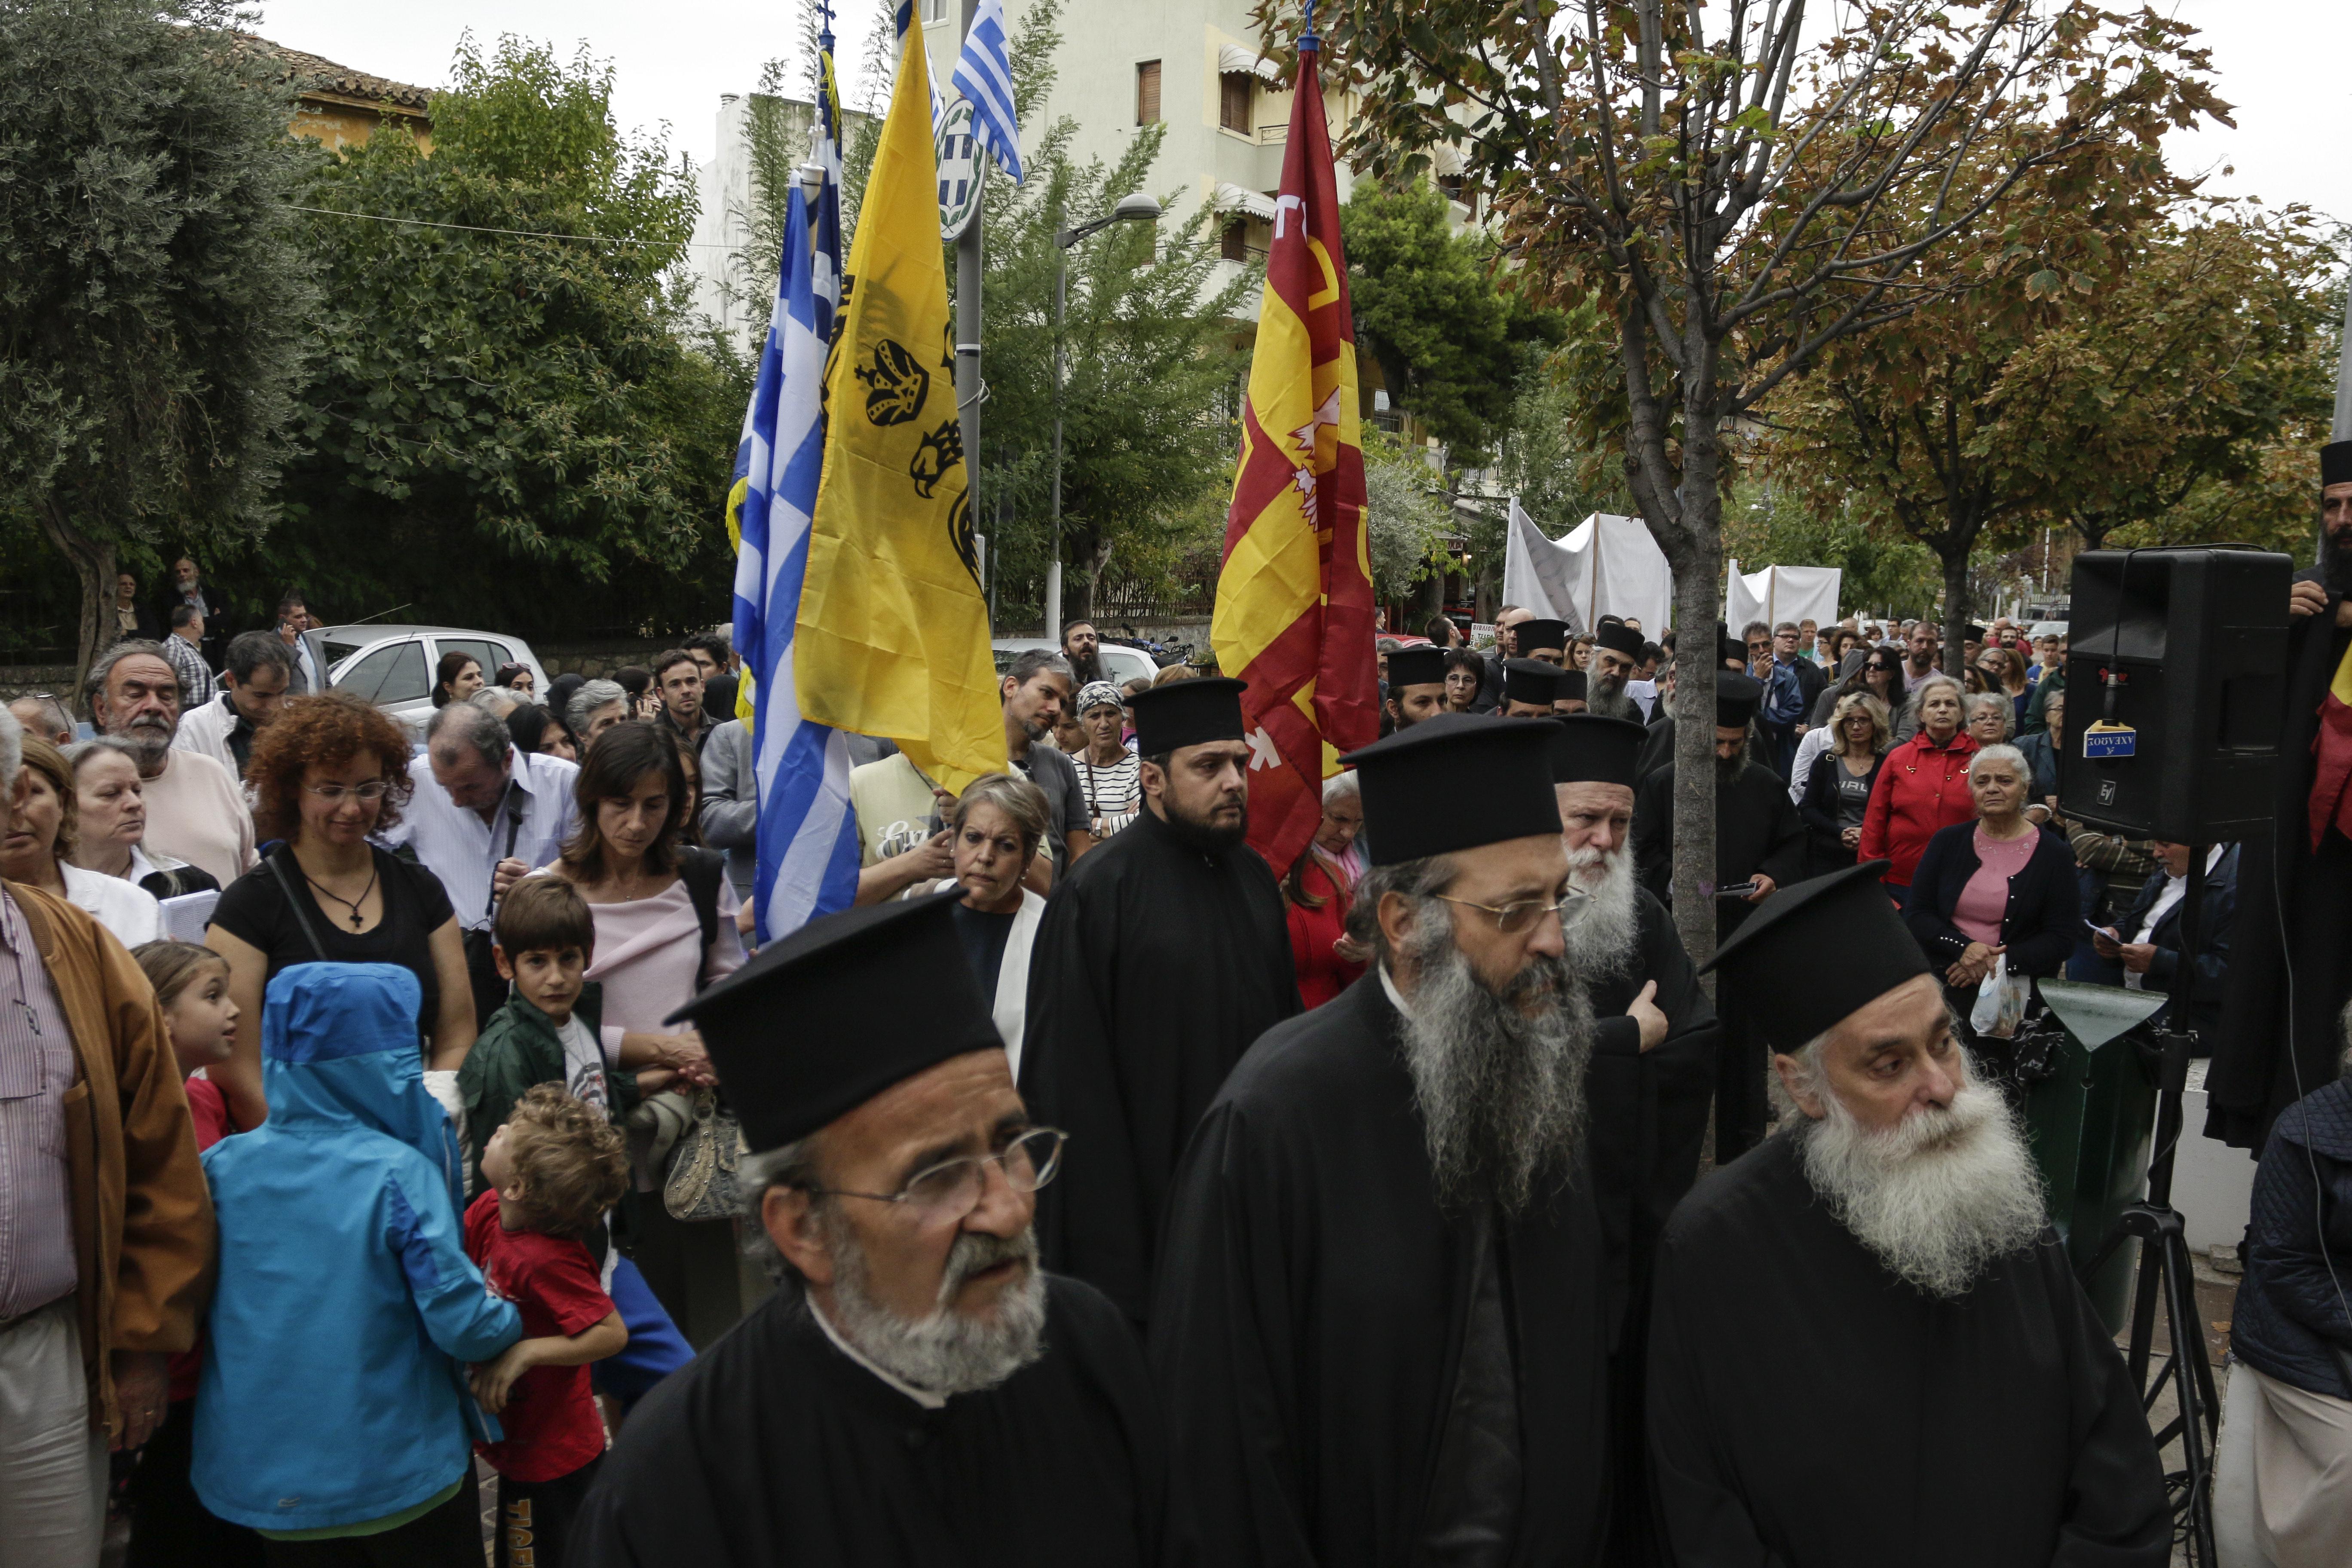 Πορεία διαμαρτυρίας στο υπ. Παιδείας για το μάθημα των θρησκευτικών - Εικόνα 4